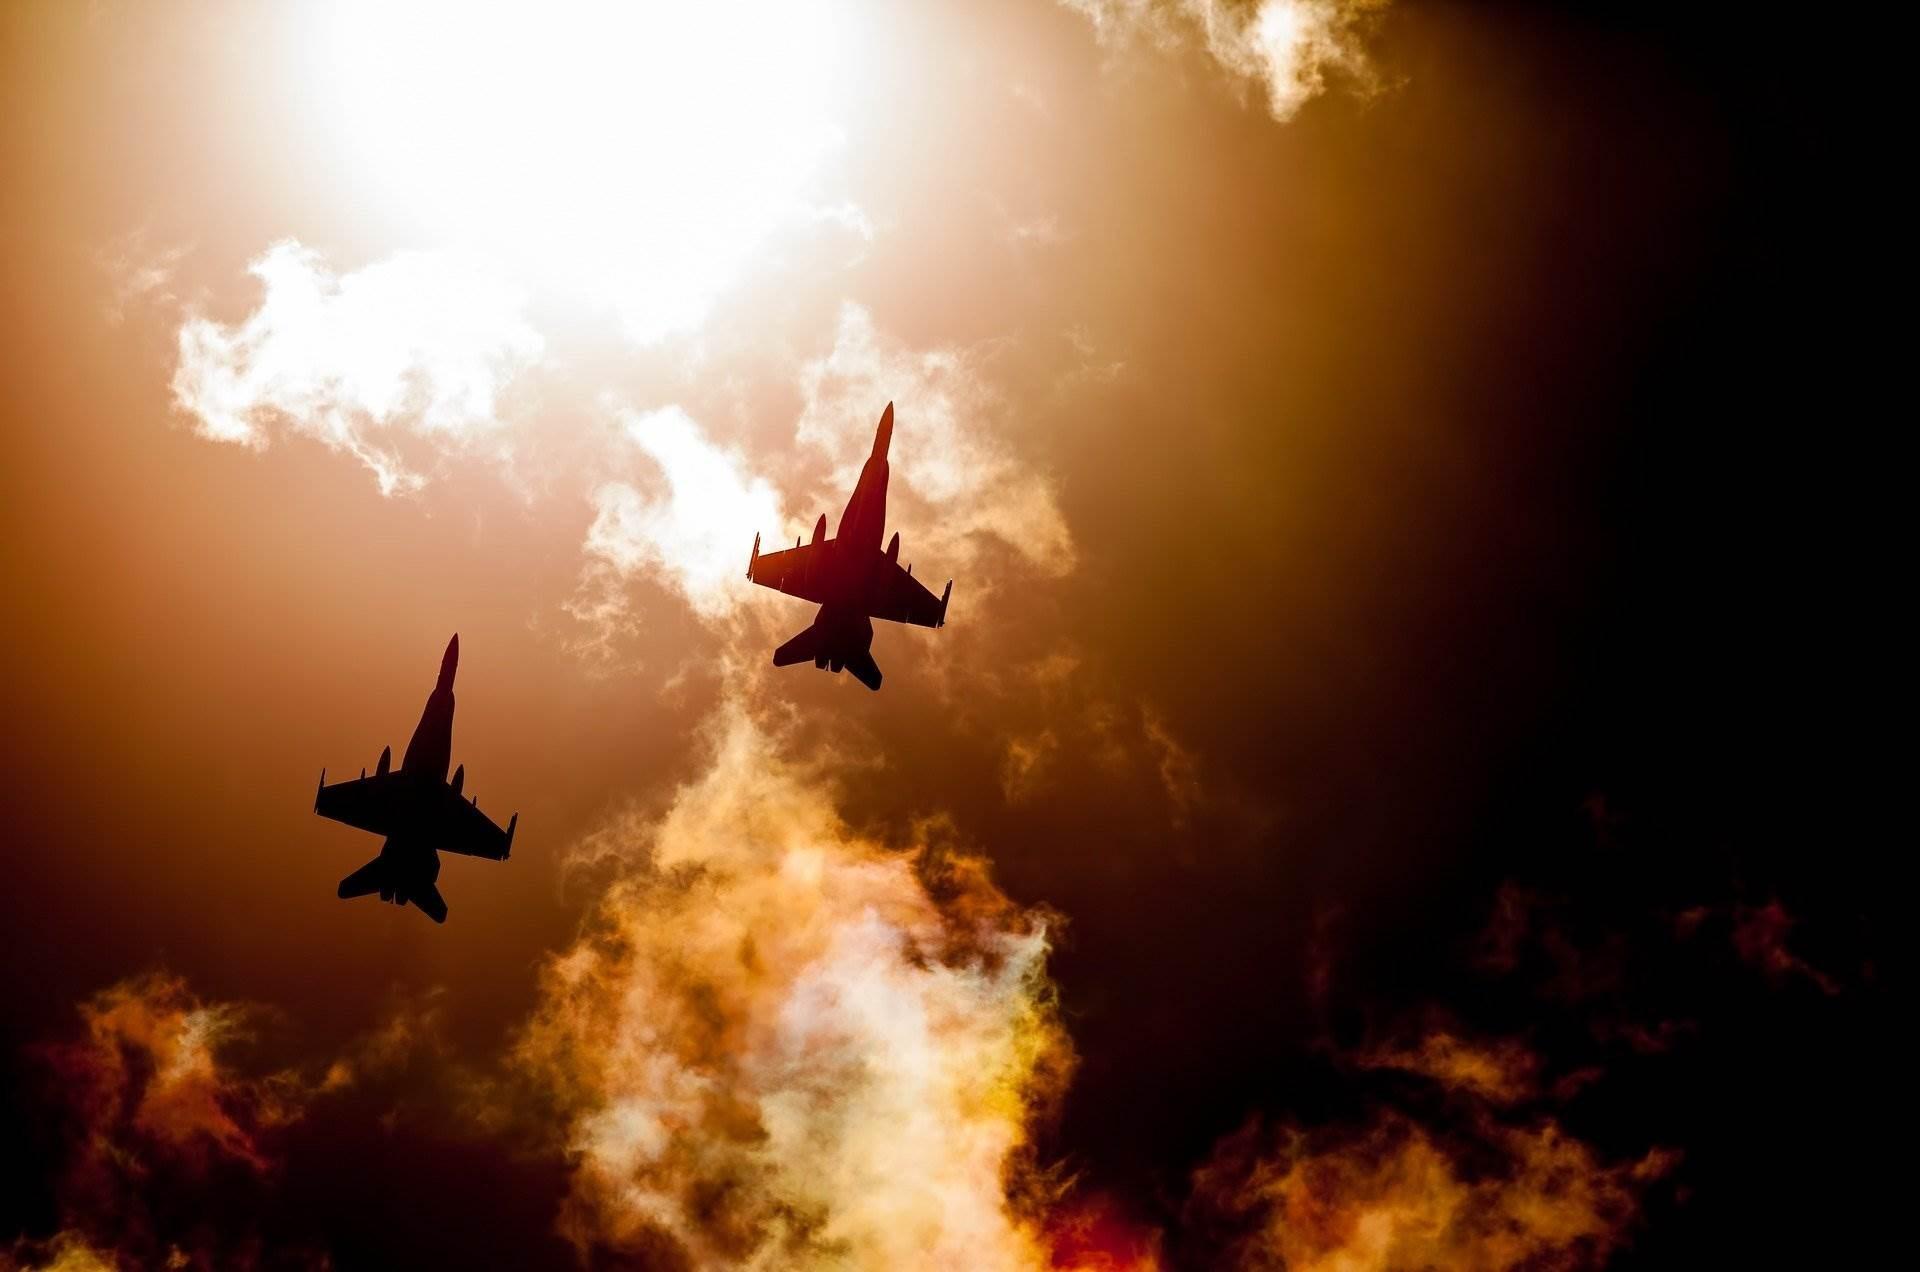 """""""سلسلة القتل"""": الدفاع عن أميركا في سلسلة الحروب المستقبلية"""